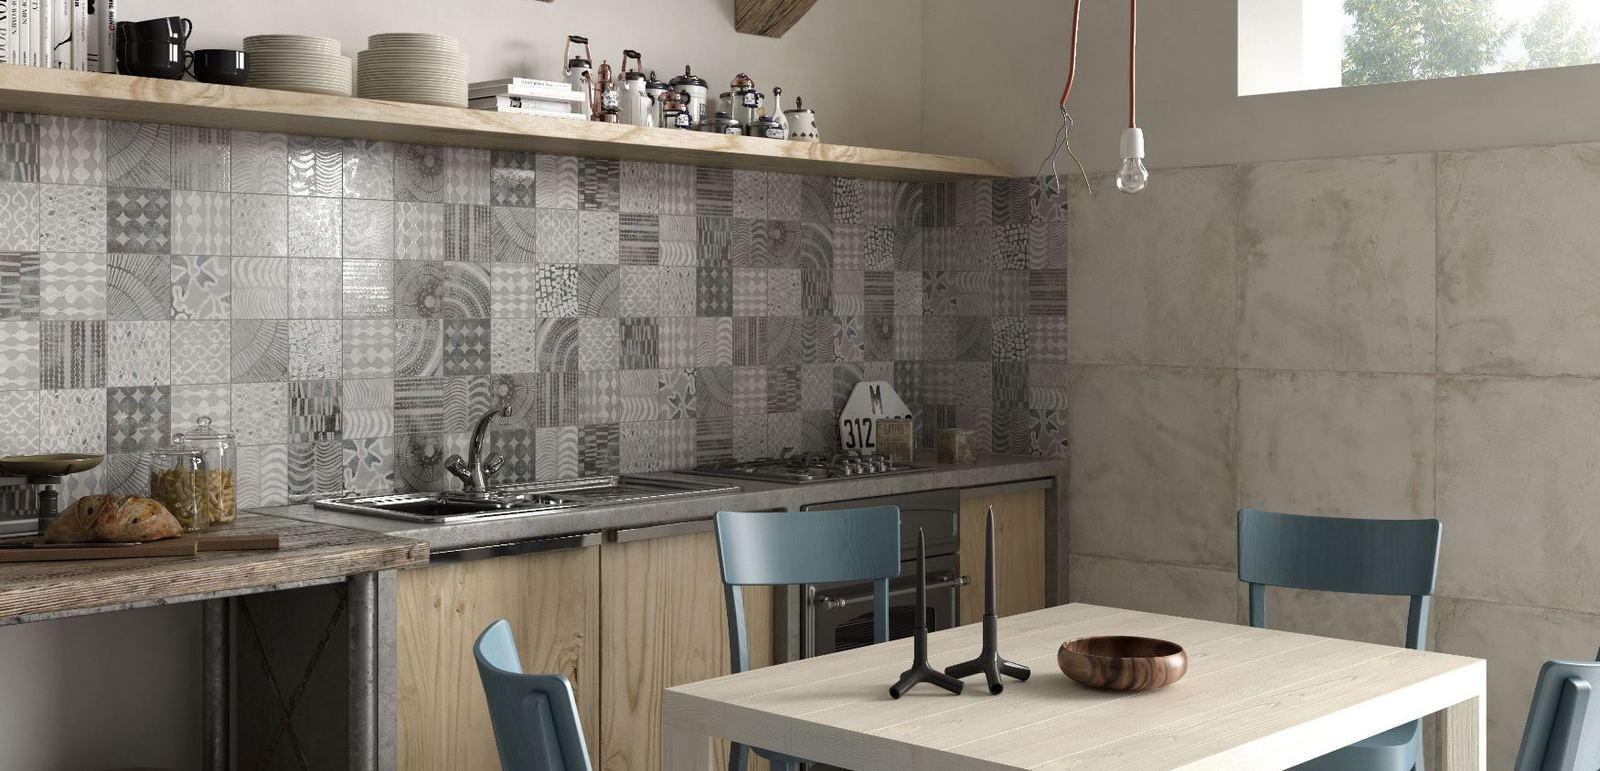 kitchen-backsplash-in-grey-monochrome-patchwork-patterns-ricchetti-thumb-1600xauto-55765